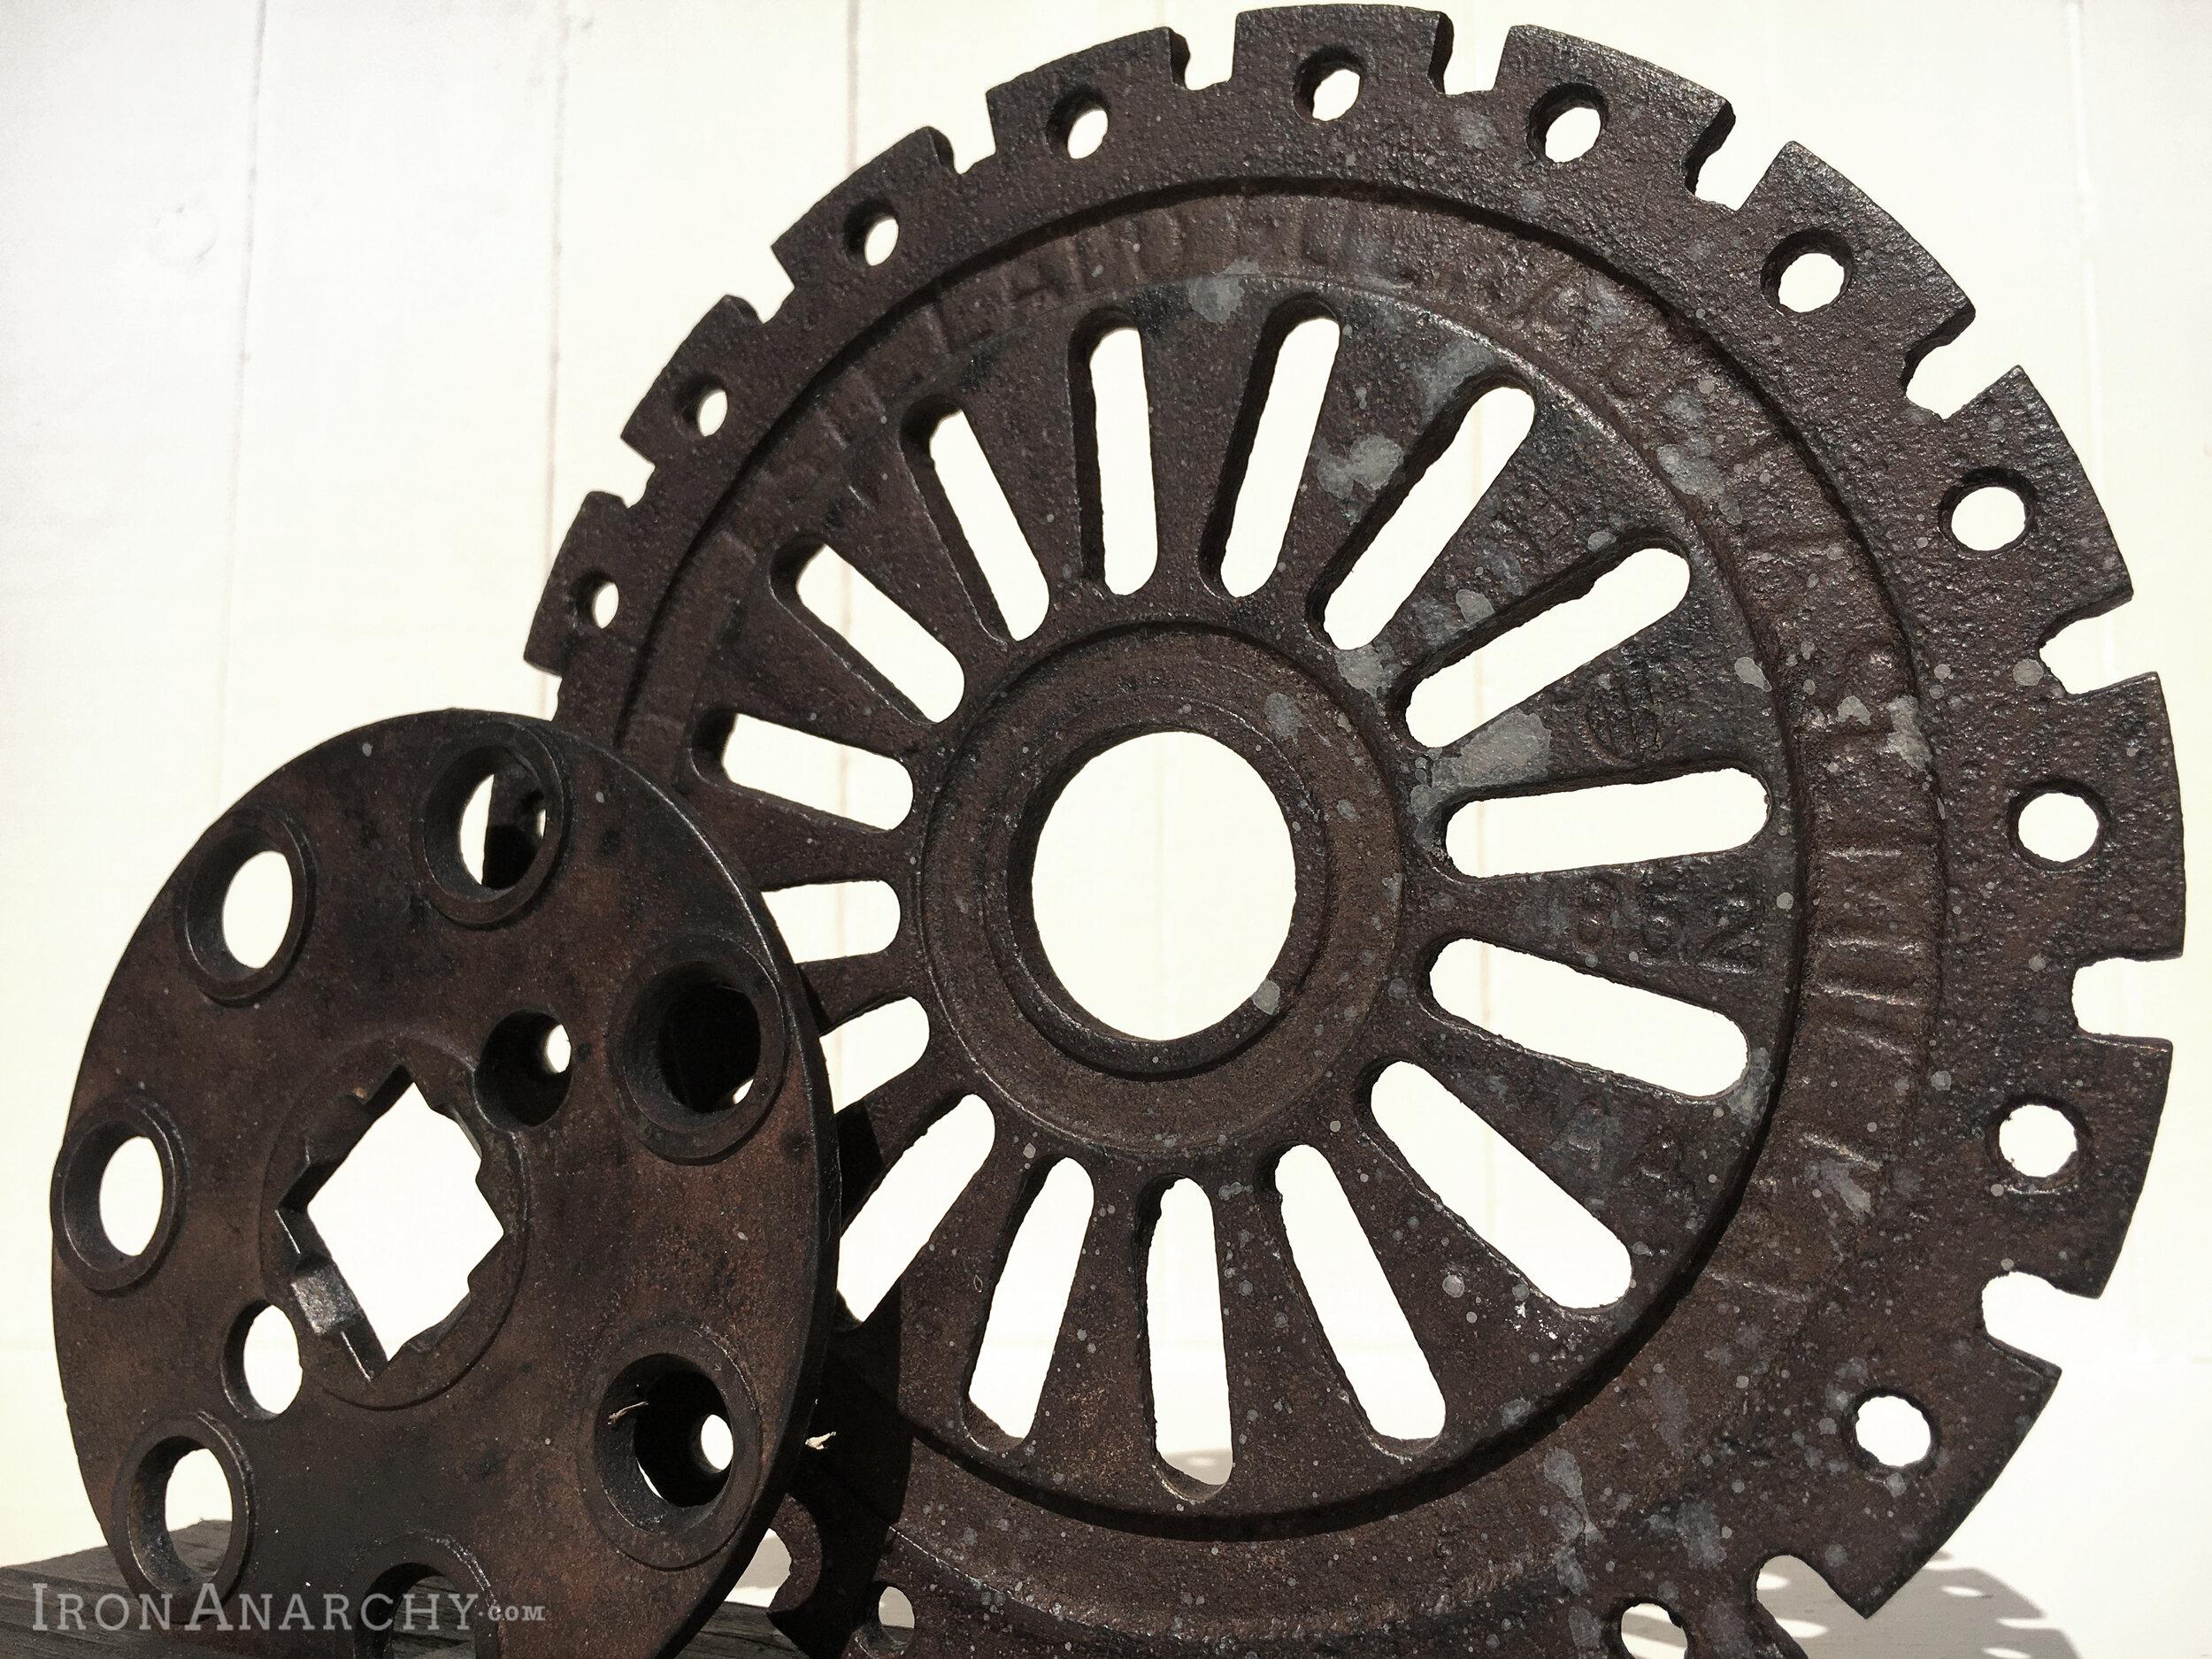 Industrial Gear Decor, Black 1b.jpg